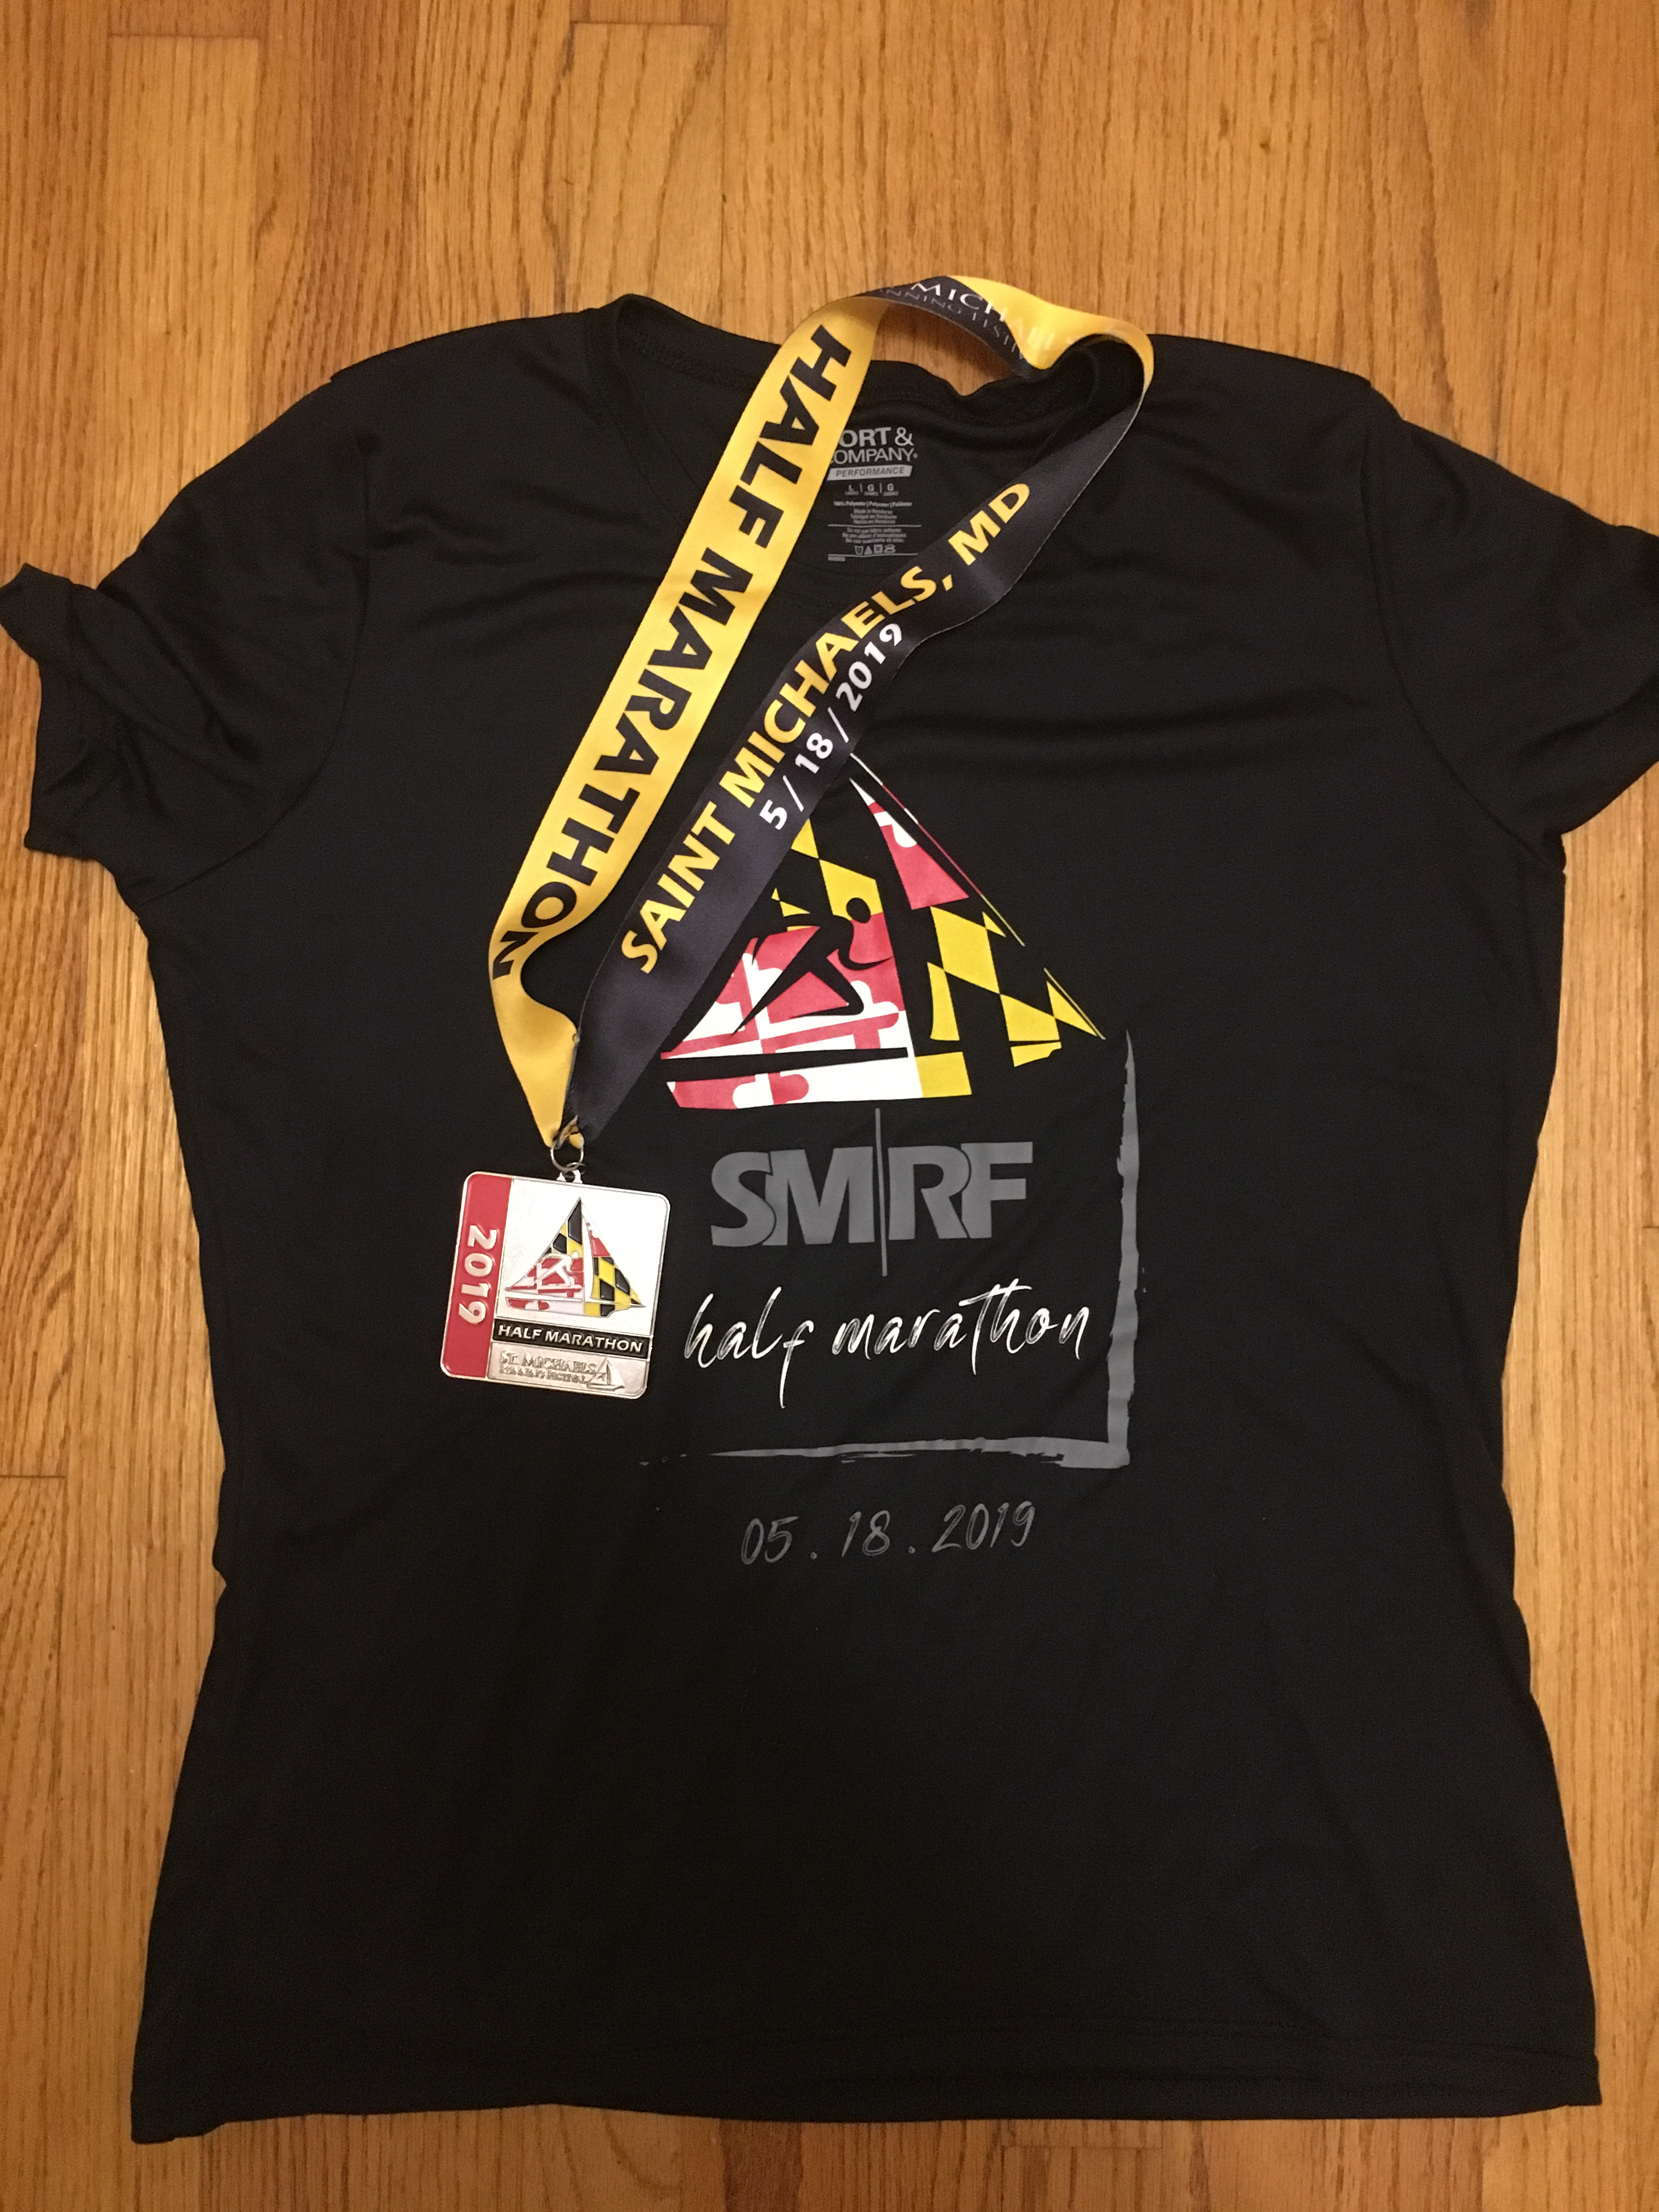 St. Michaels Running Festival Half Marathon race shirt and finisher medal